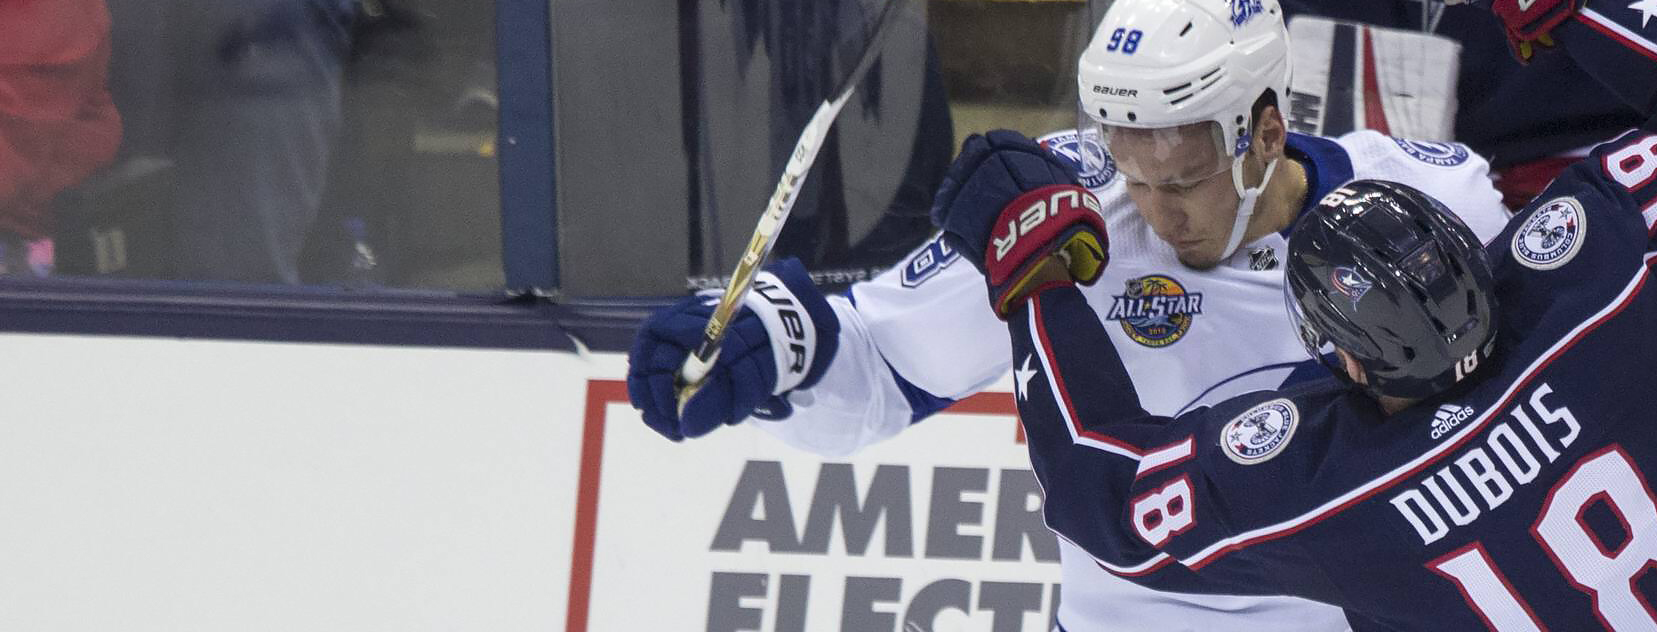 Первая шайба Сергачева в НХЛ. И сразу вторая